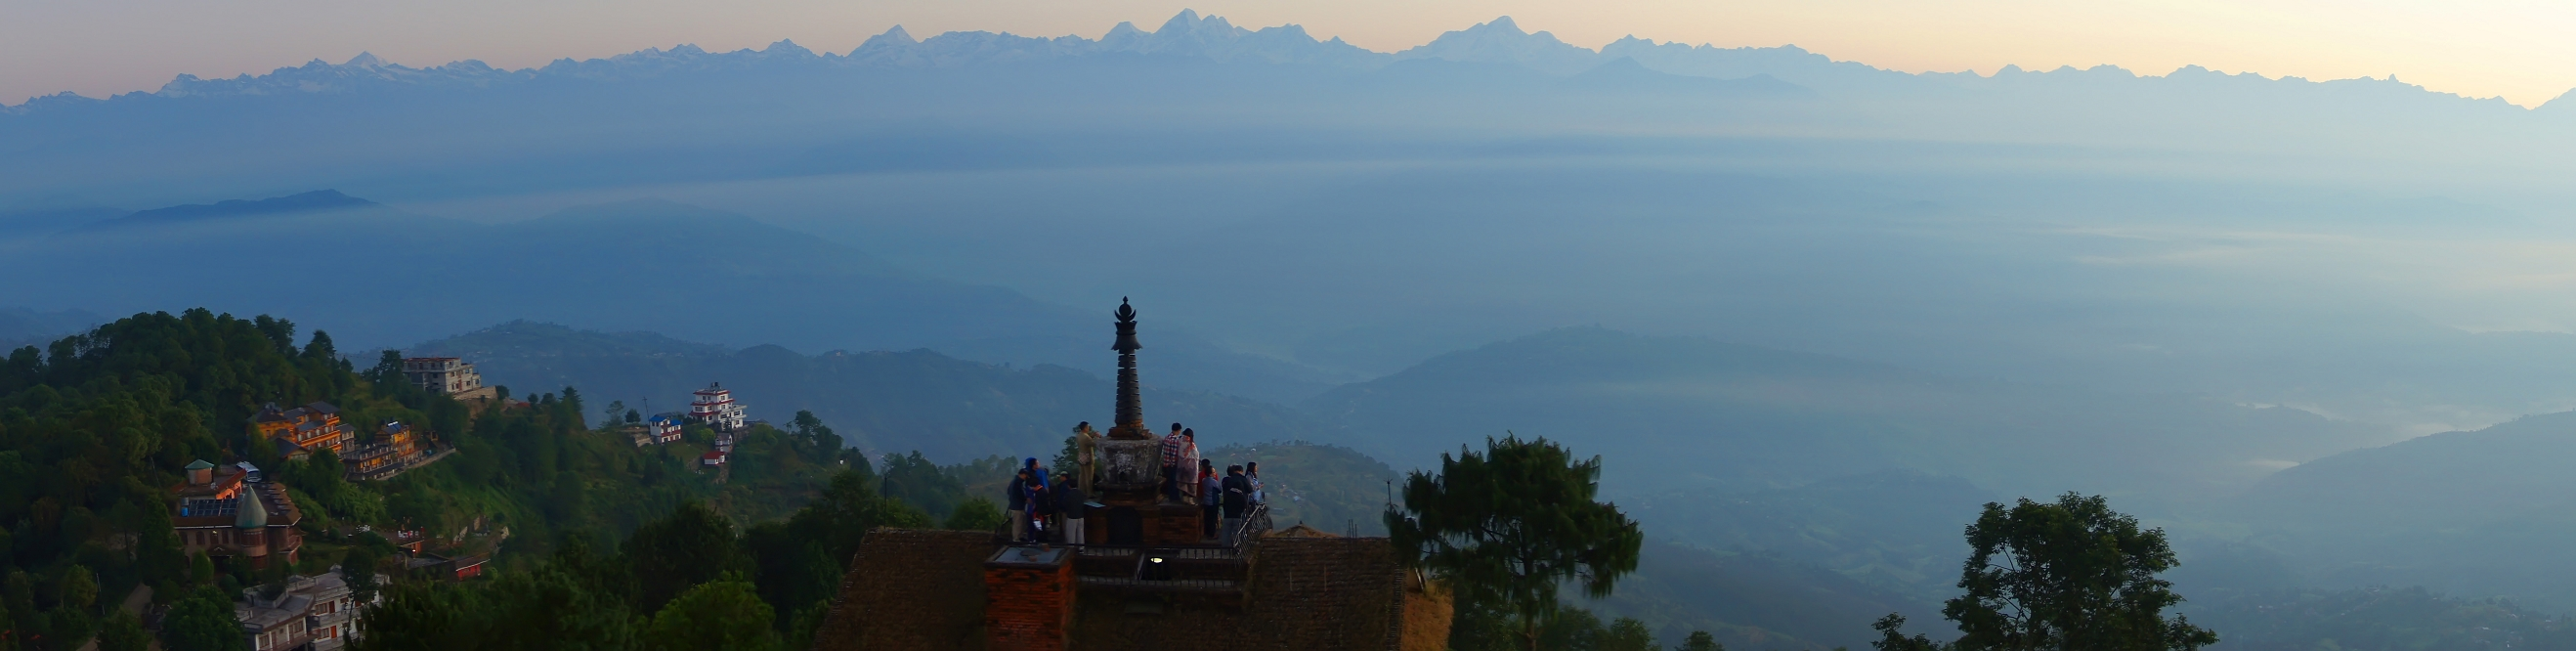 1007_Nepal_002